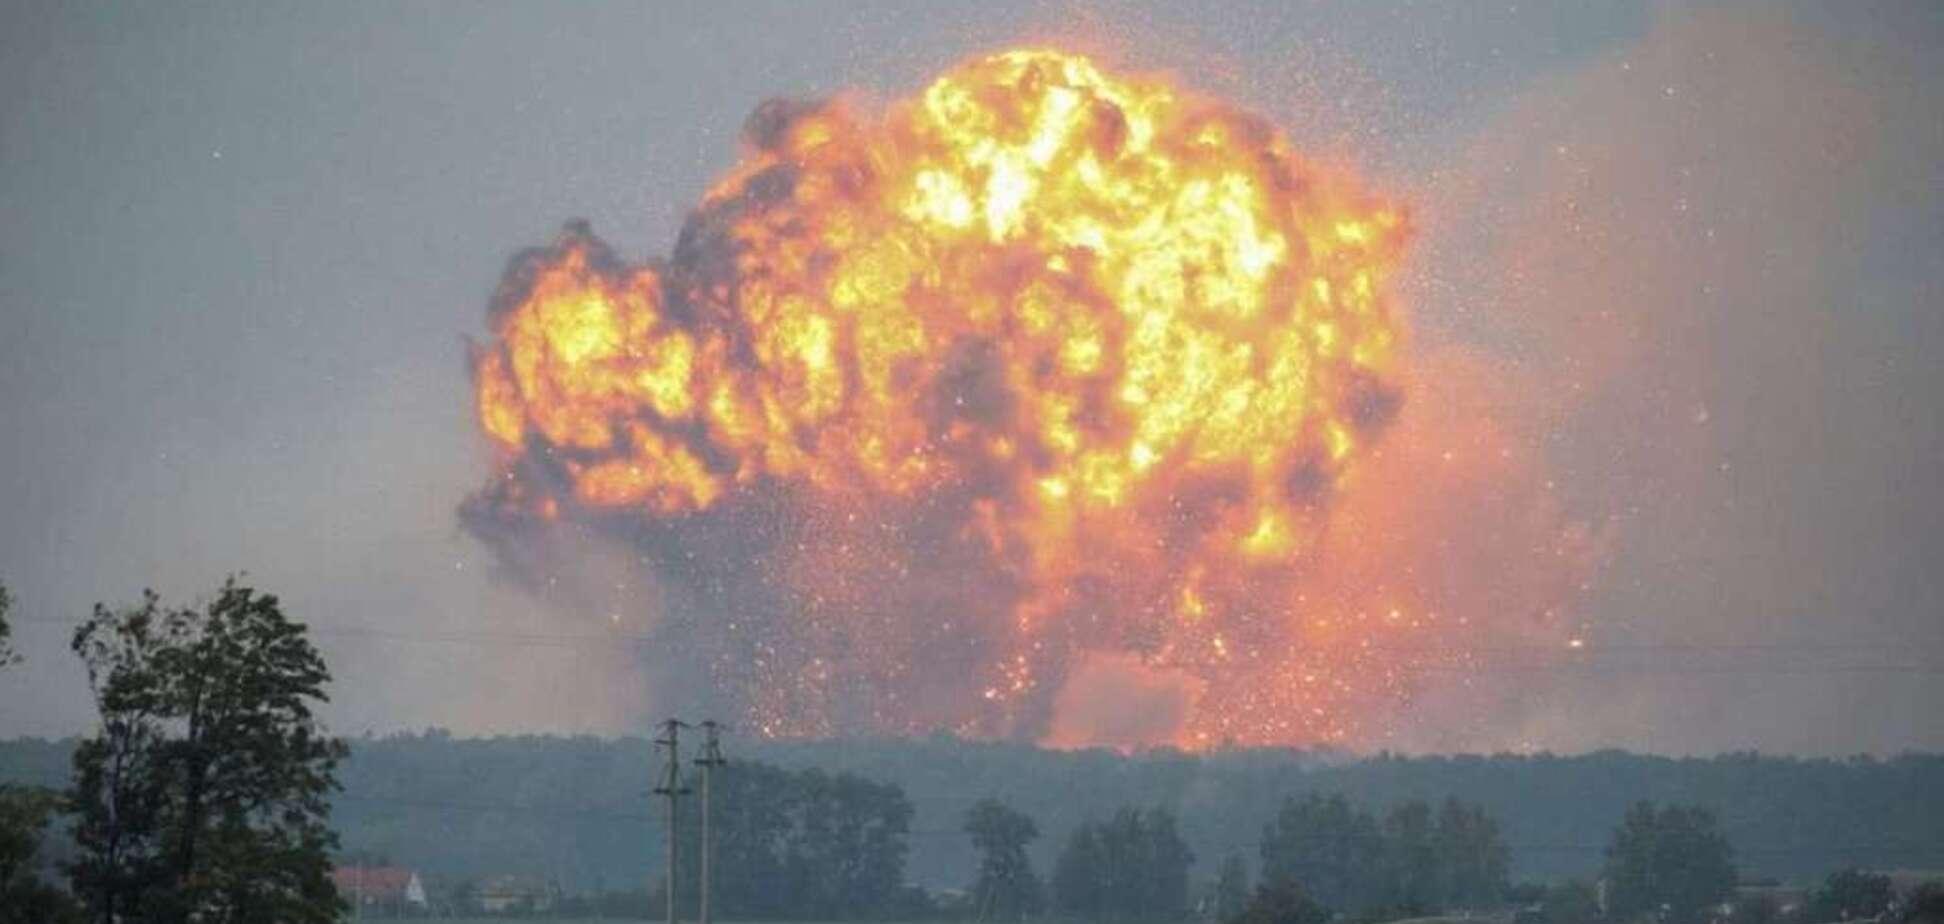 'Люди почали евакуацію': голова села під Калинівкою розповів, що відбувалося після вибуху